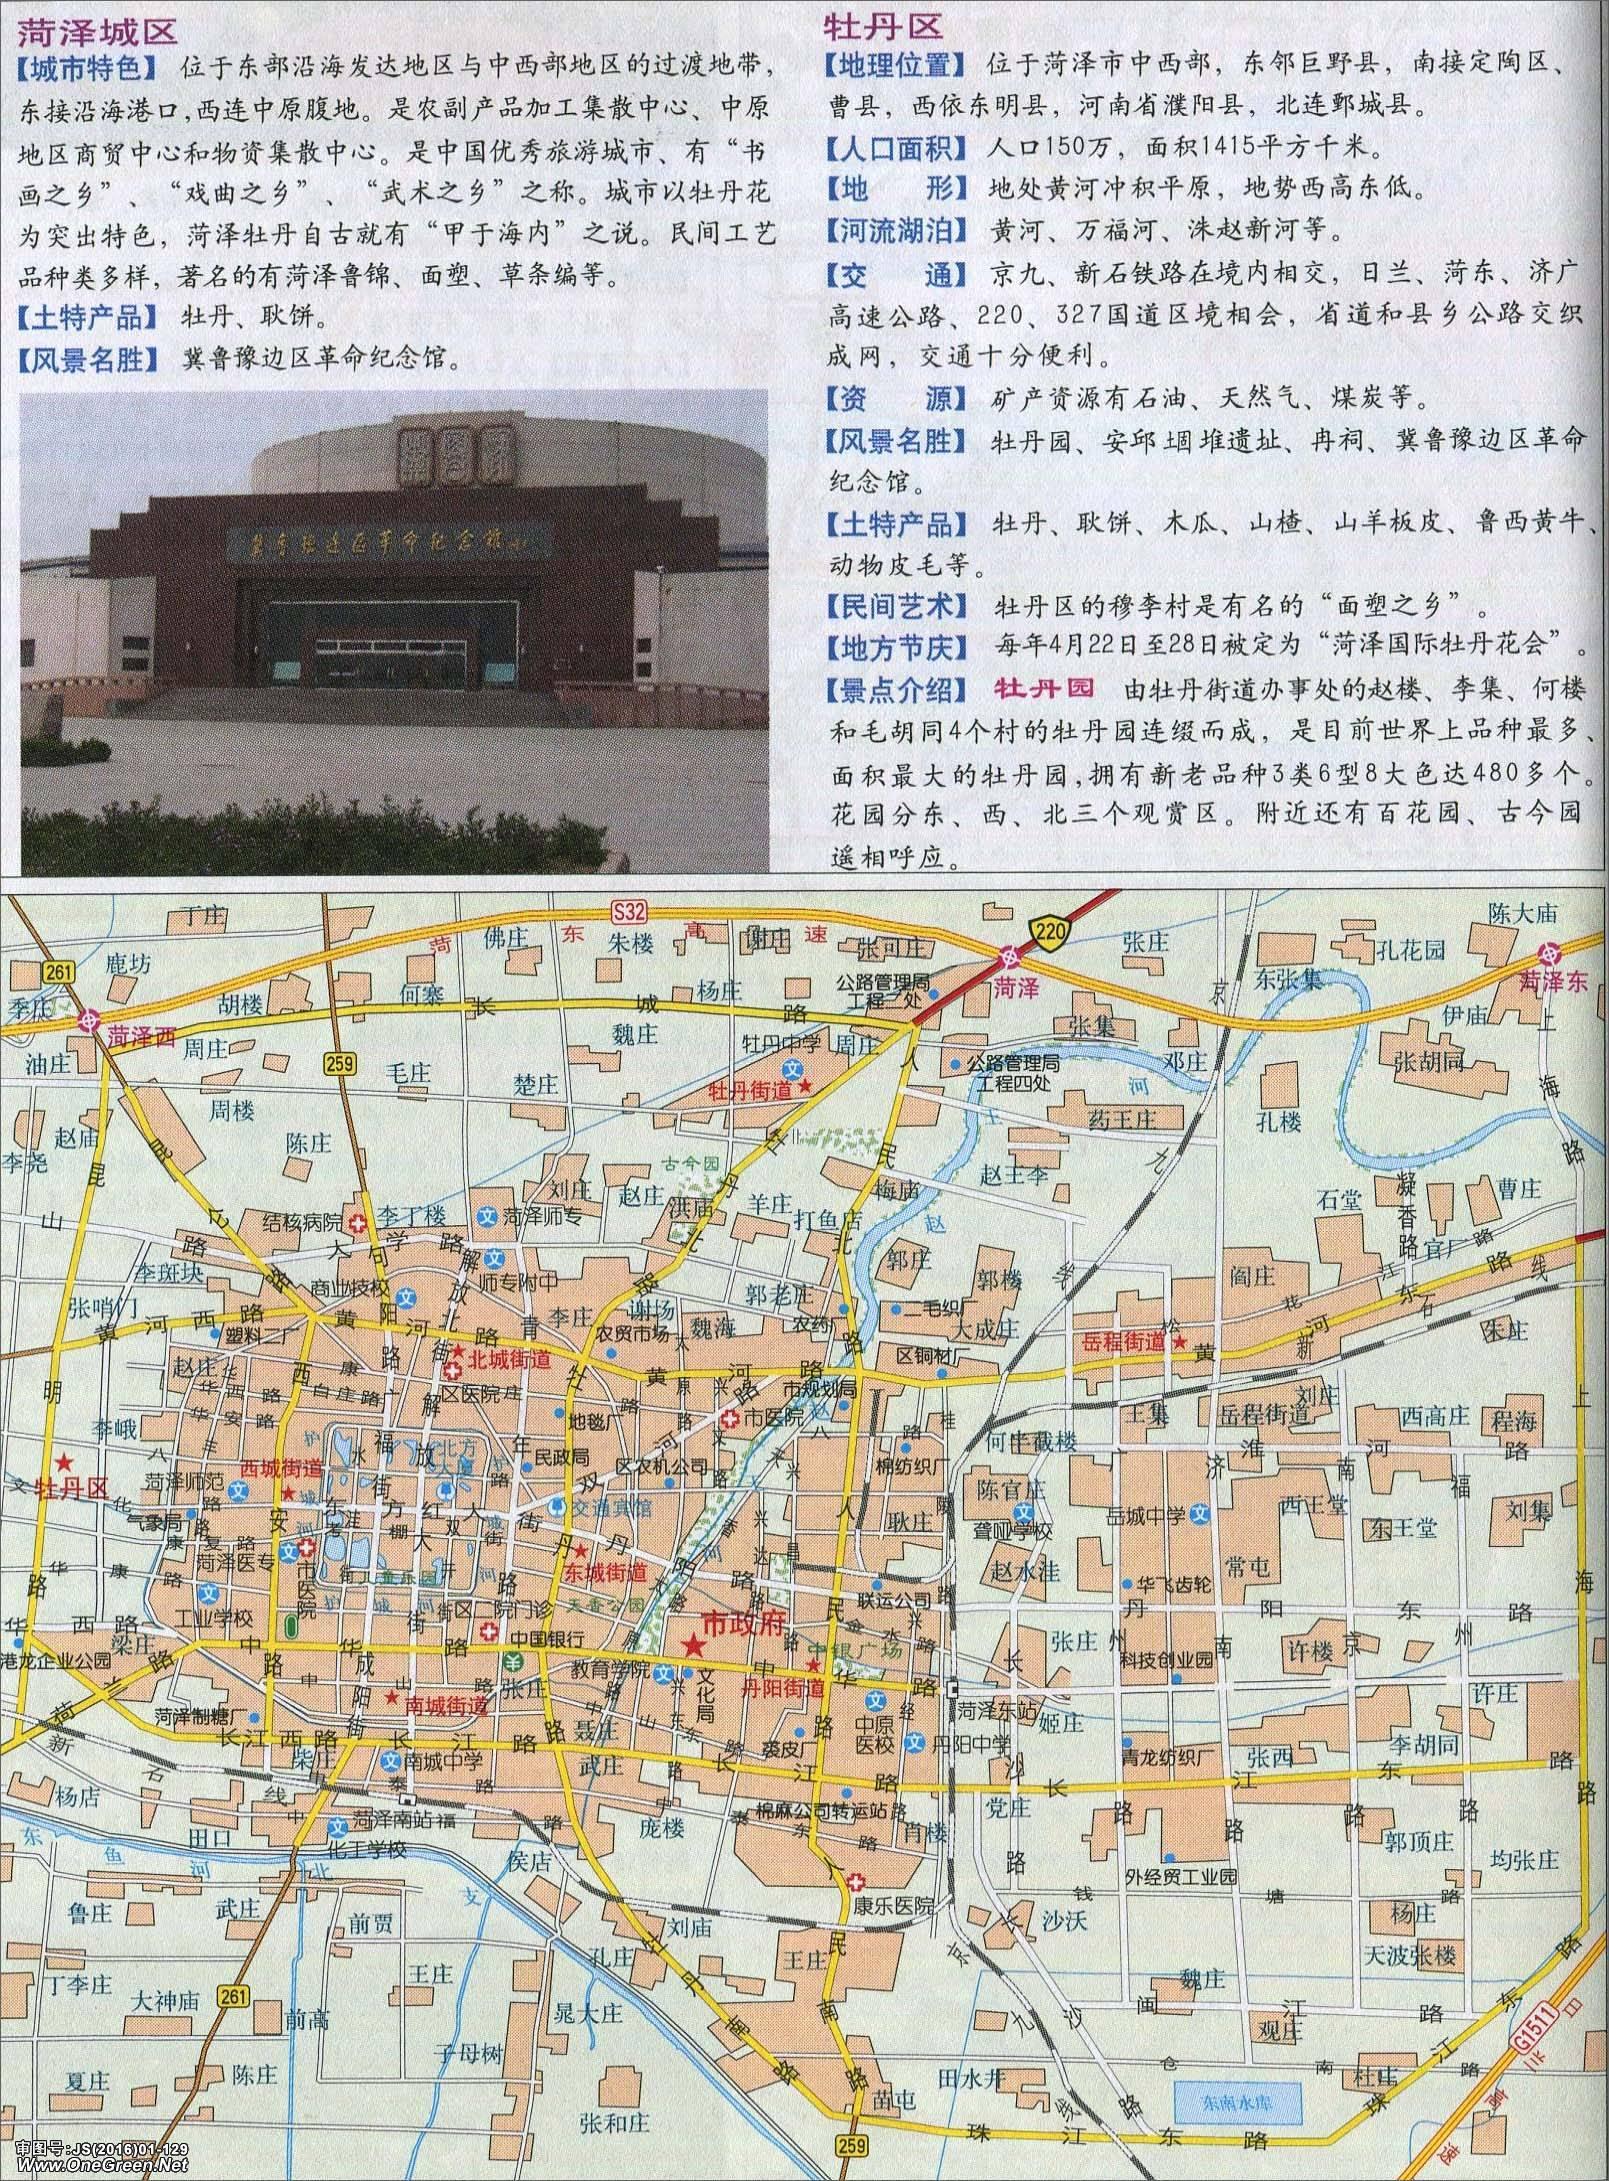 菏泽城区地图